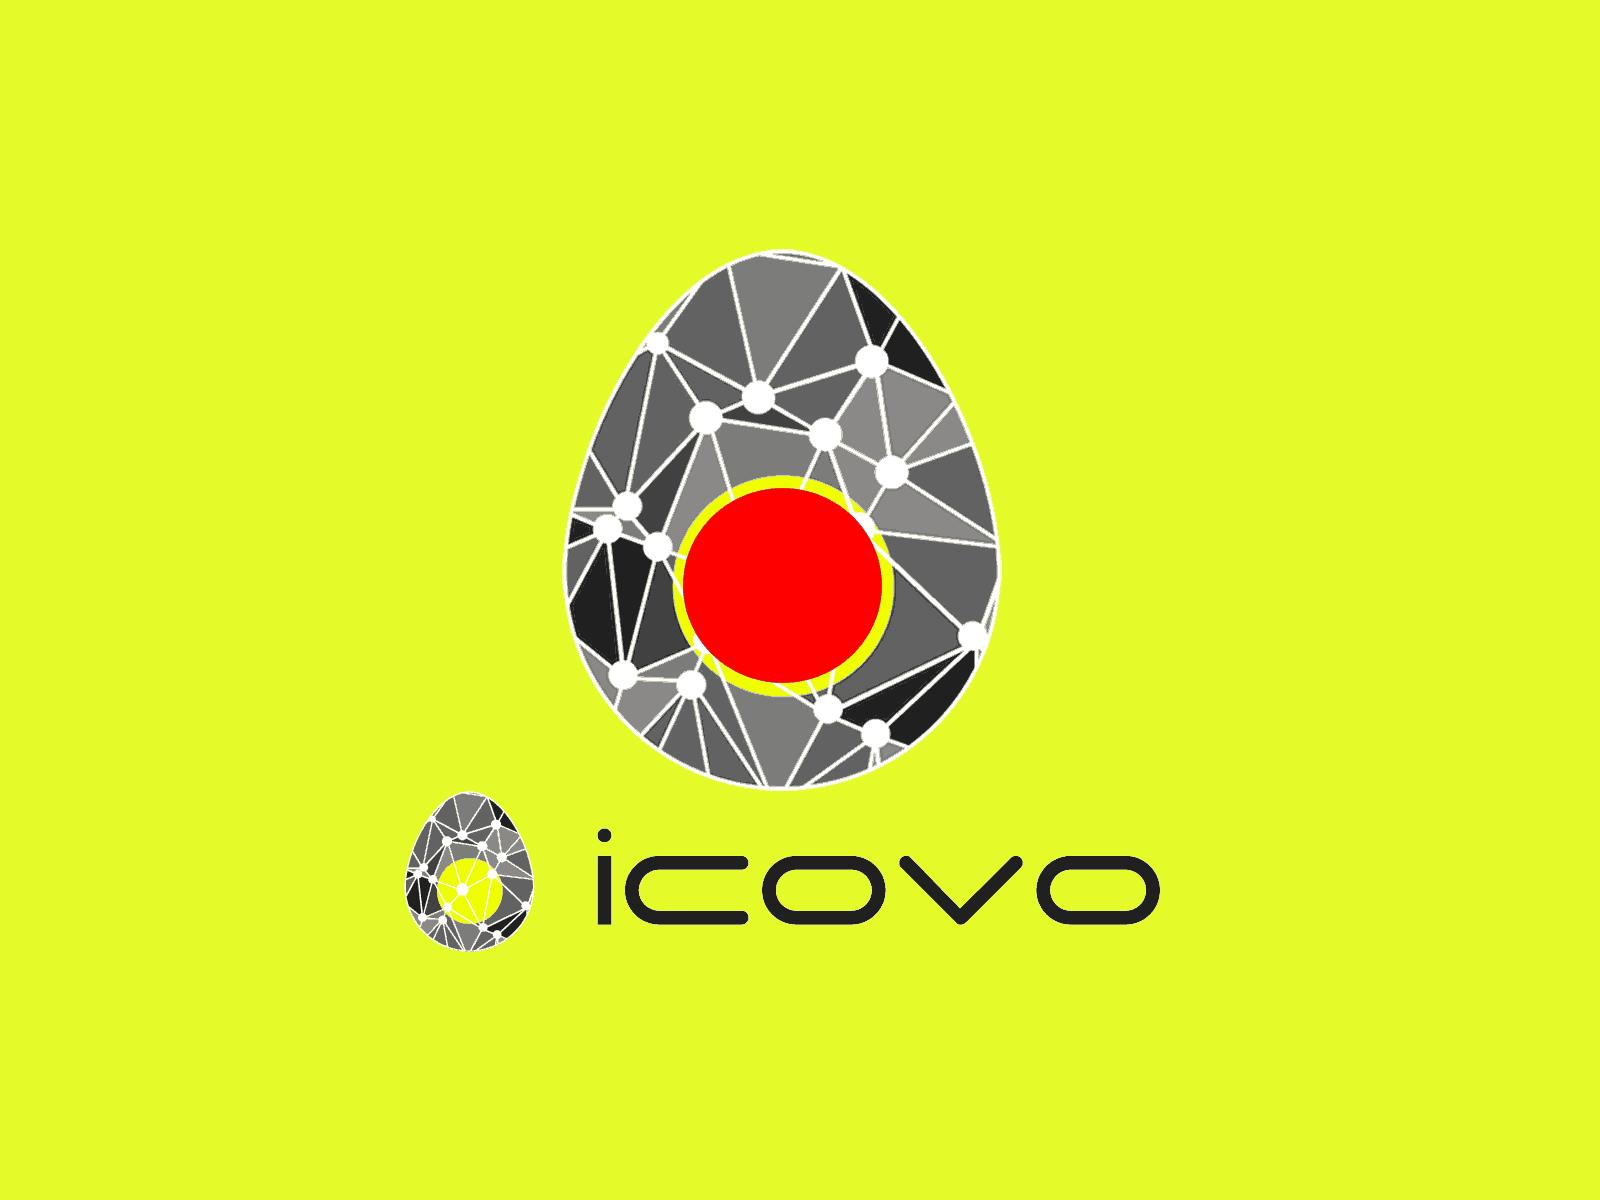 [プレスリリース]トークンエコノミープラットフォームを提供しているICOVO AGが日本企業向けにプロダクトの開発支援を目的とした、100%子会社ICOVO Japanを設立。